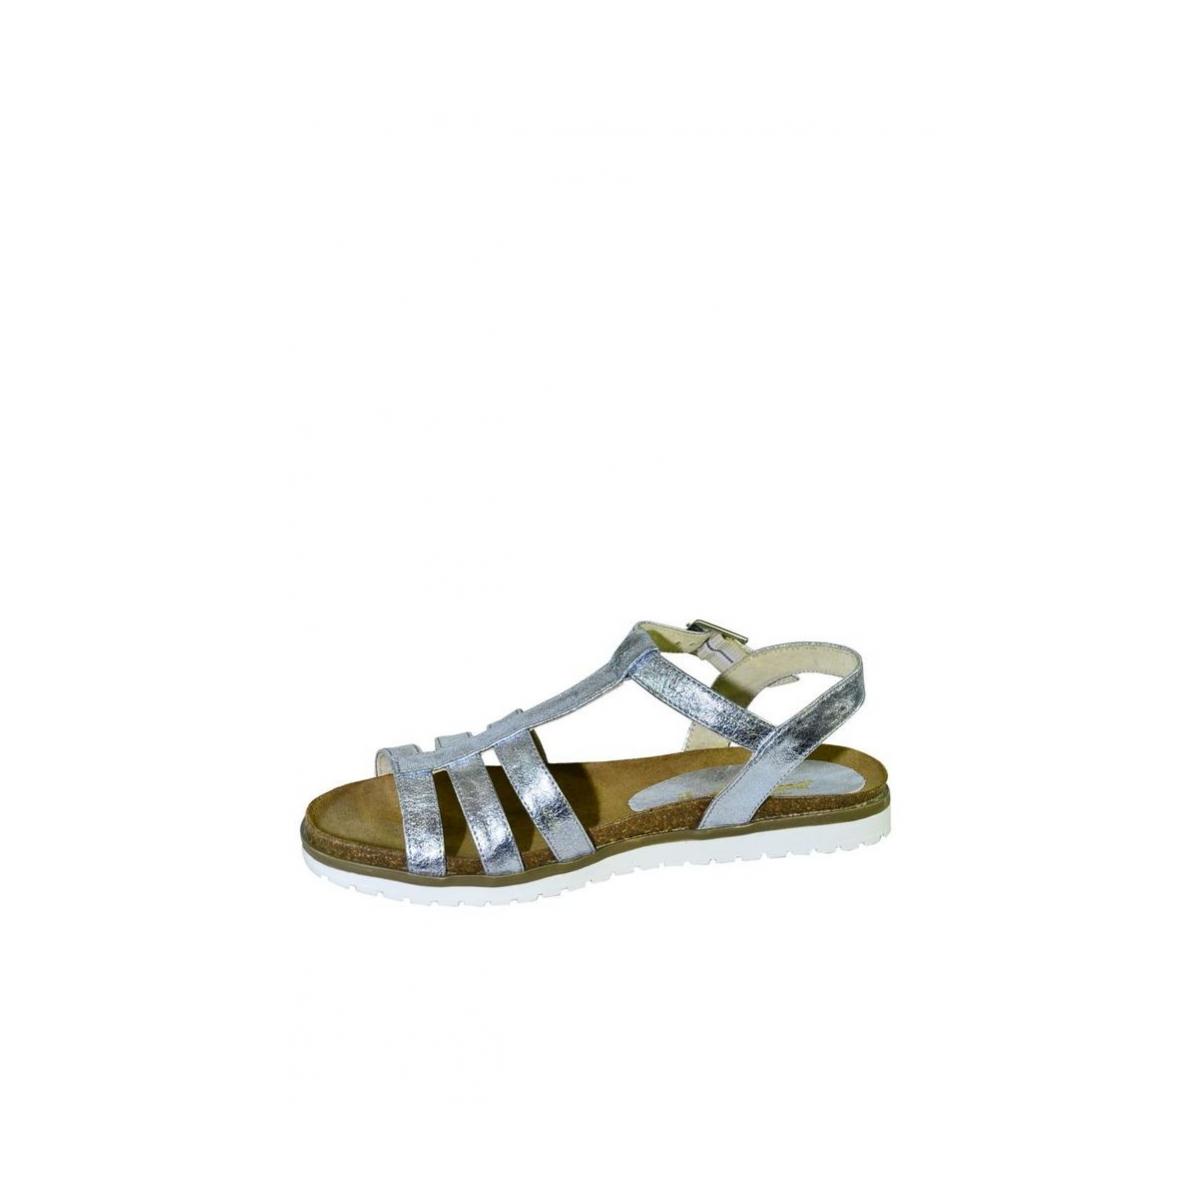 ee4700dad0ea Strieborné kožené nízke sandále LEA - 7